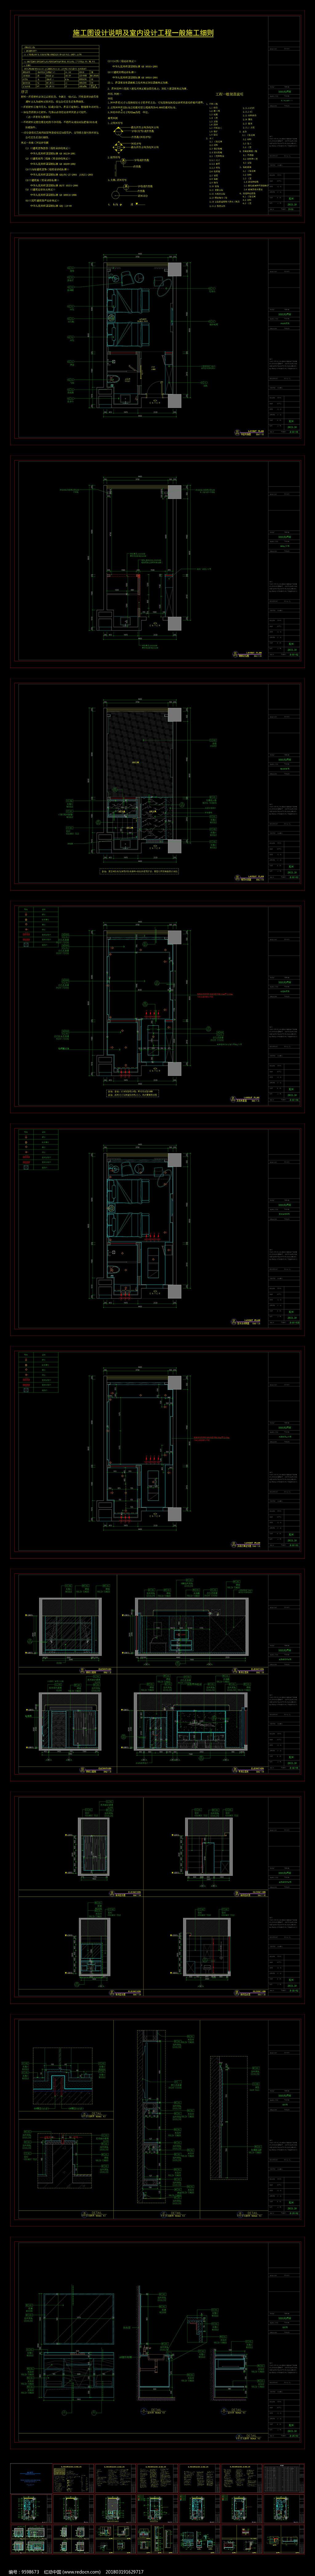 酒店商务标间客房CAD设计图片